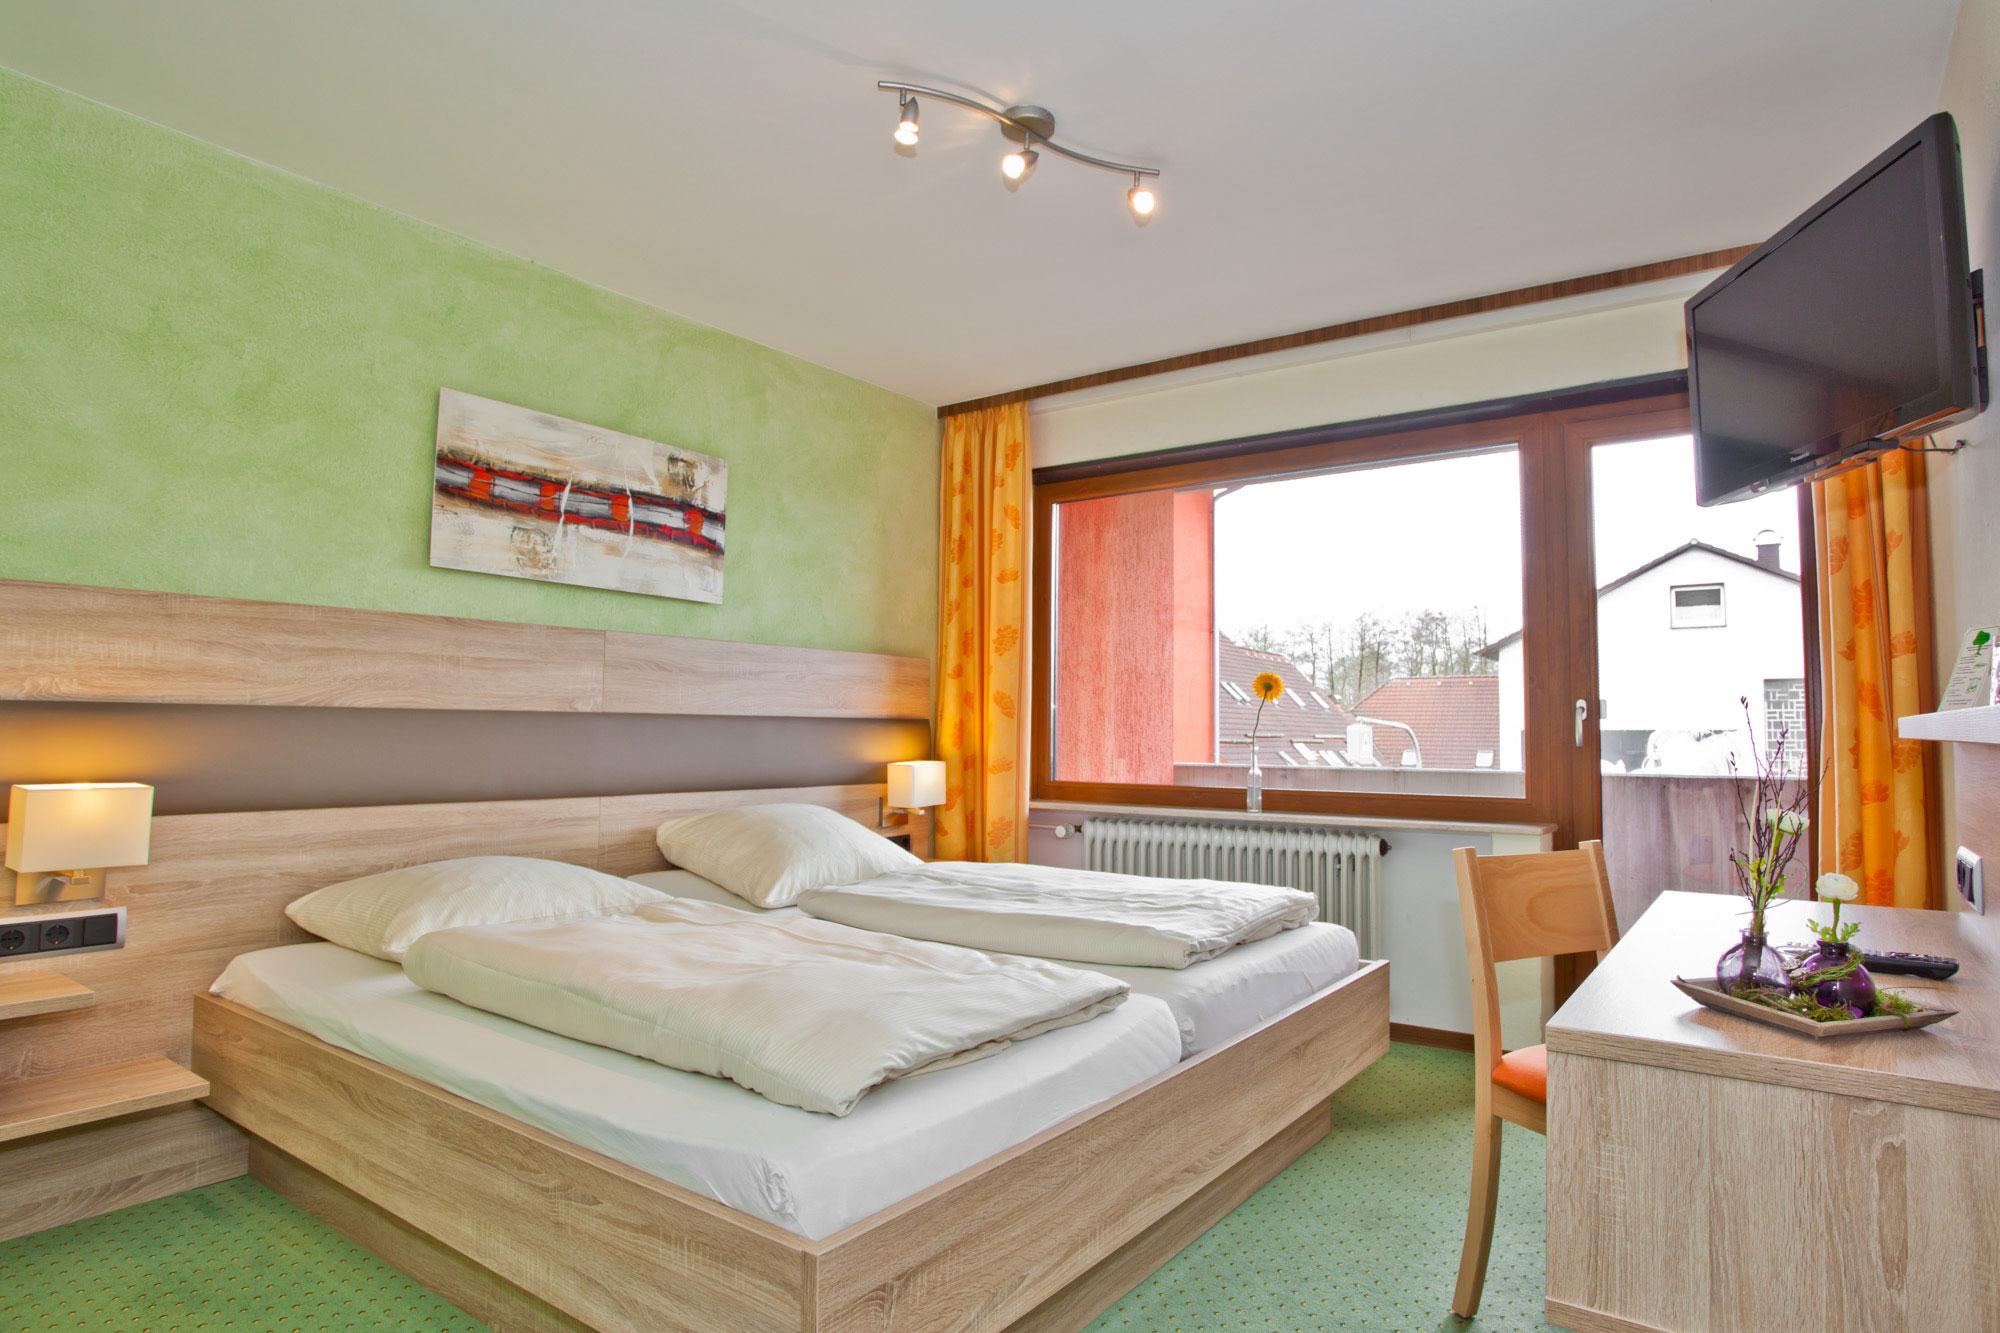 zimmer-hotel-fulda-eichenzell Faszinierend 7 Welten Fulda Bewertung Dekorationen